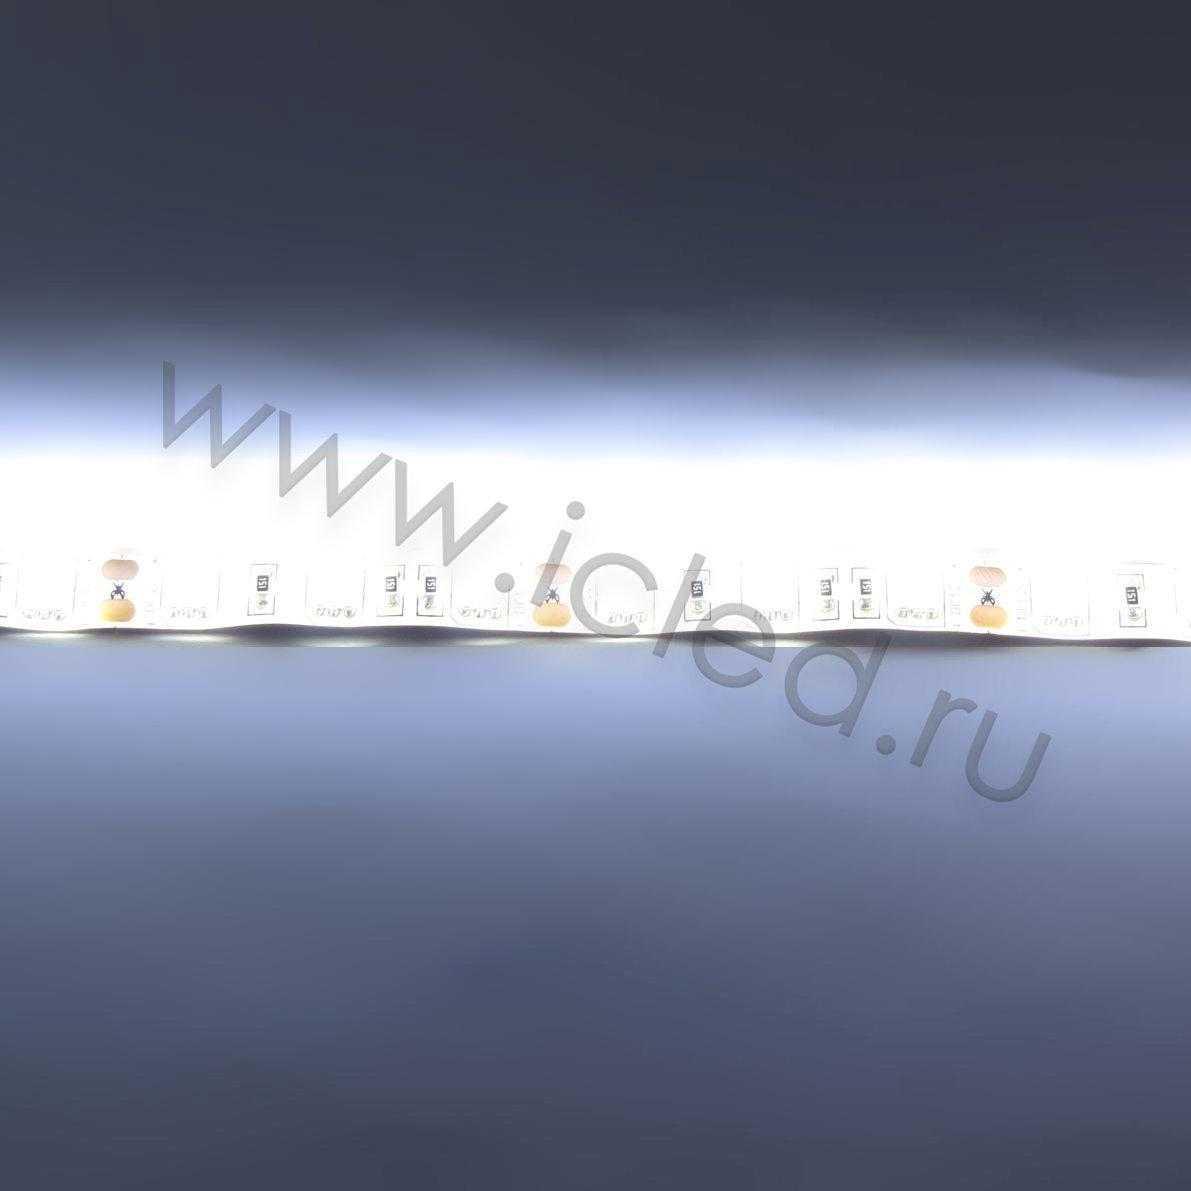 Светодиодная лента Class High, 5050, 60 led/m, White,12V, IP65